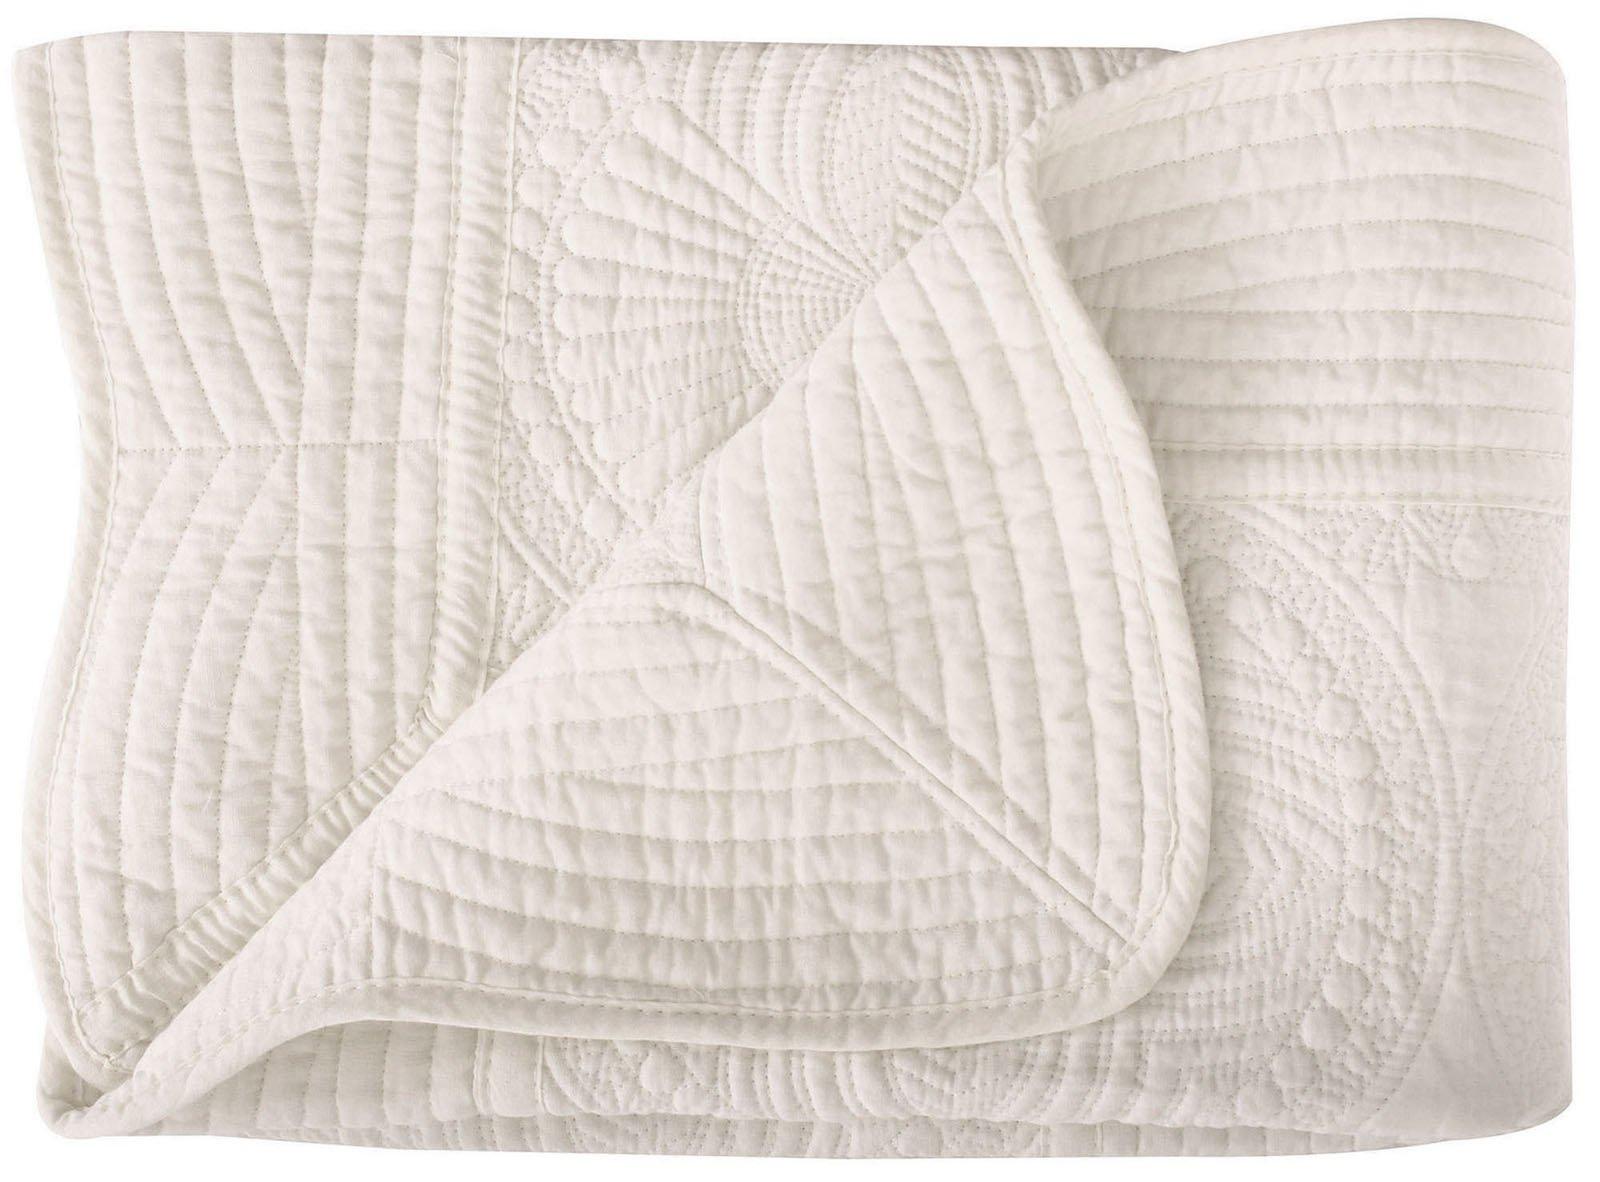 Toddler Blankets All Weather Lightweight Warm Baby Quilt Cream